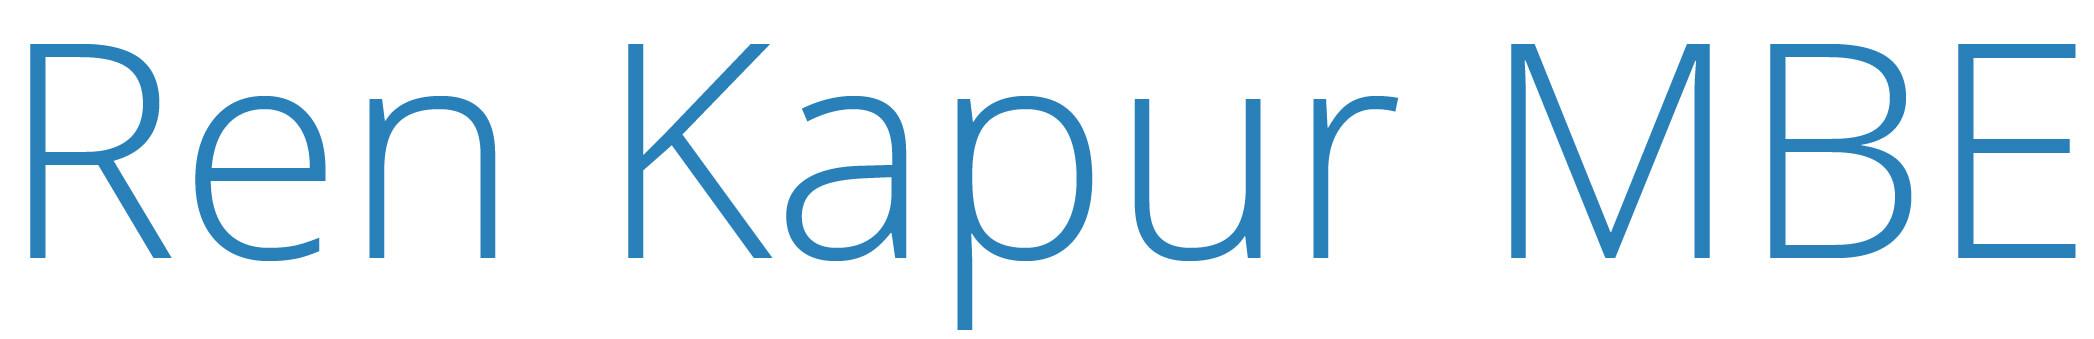 renkapur-logo